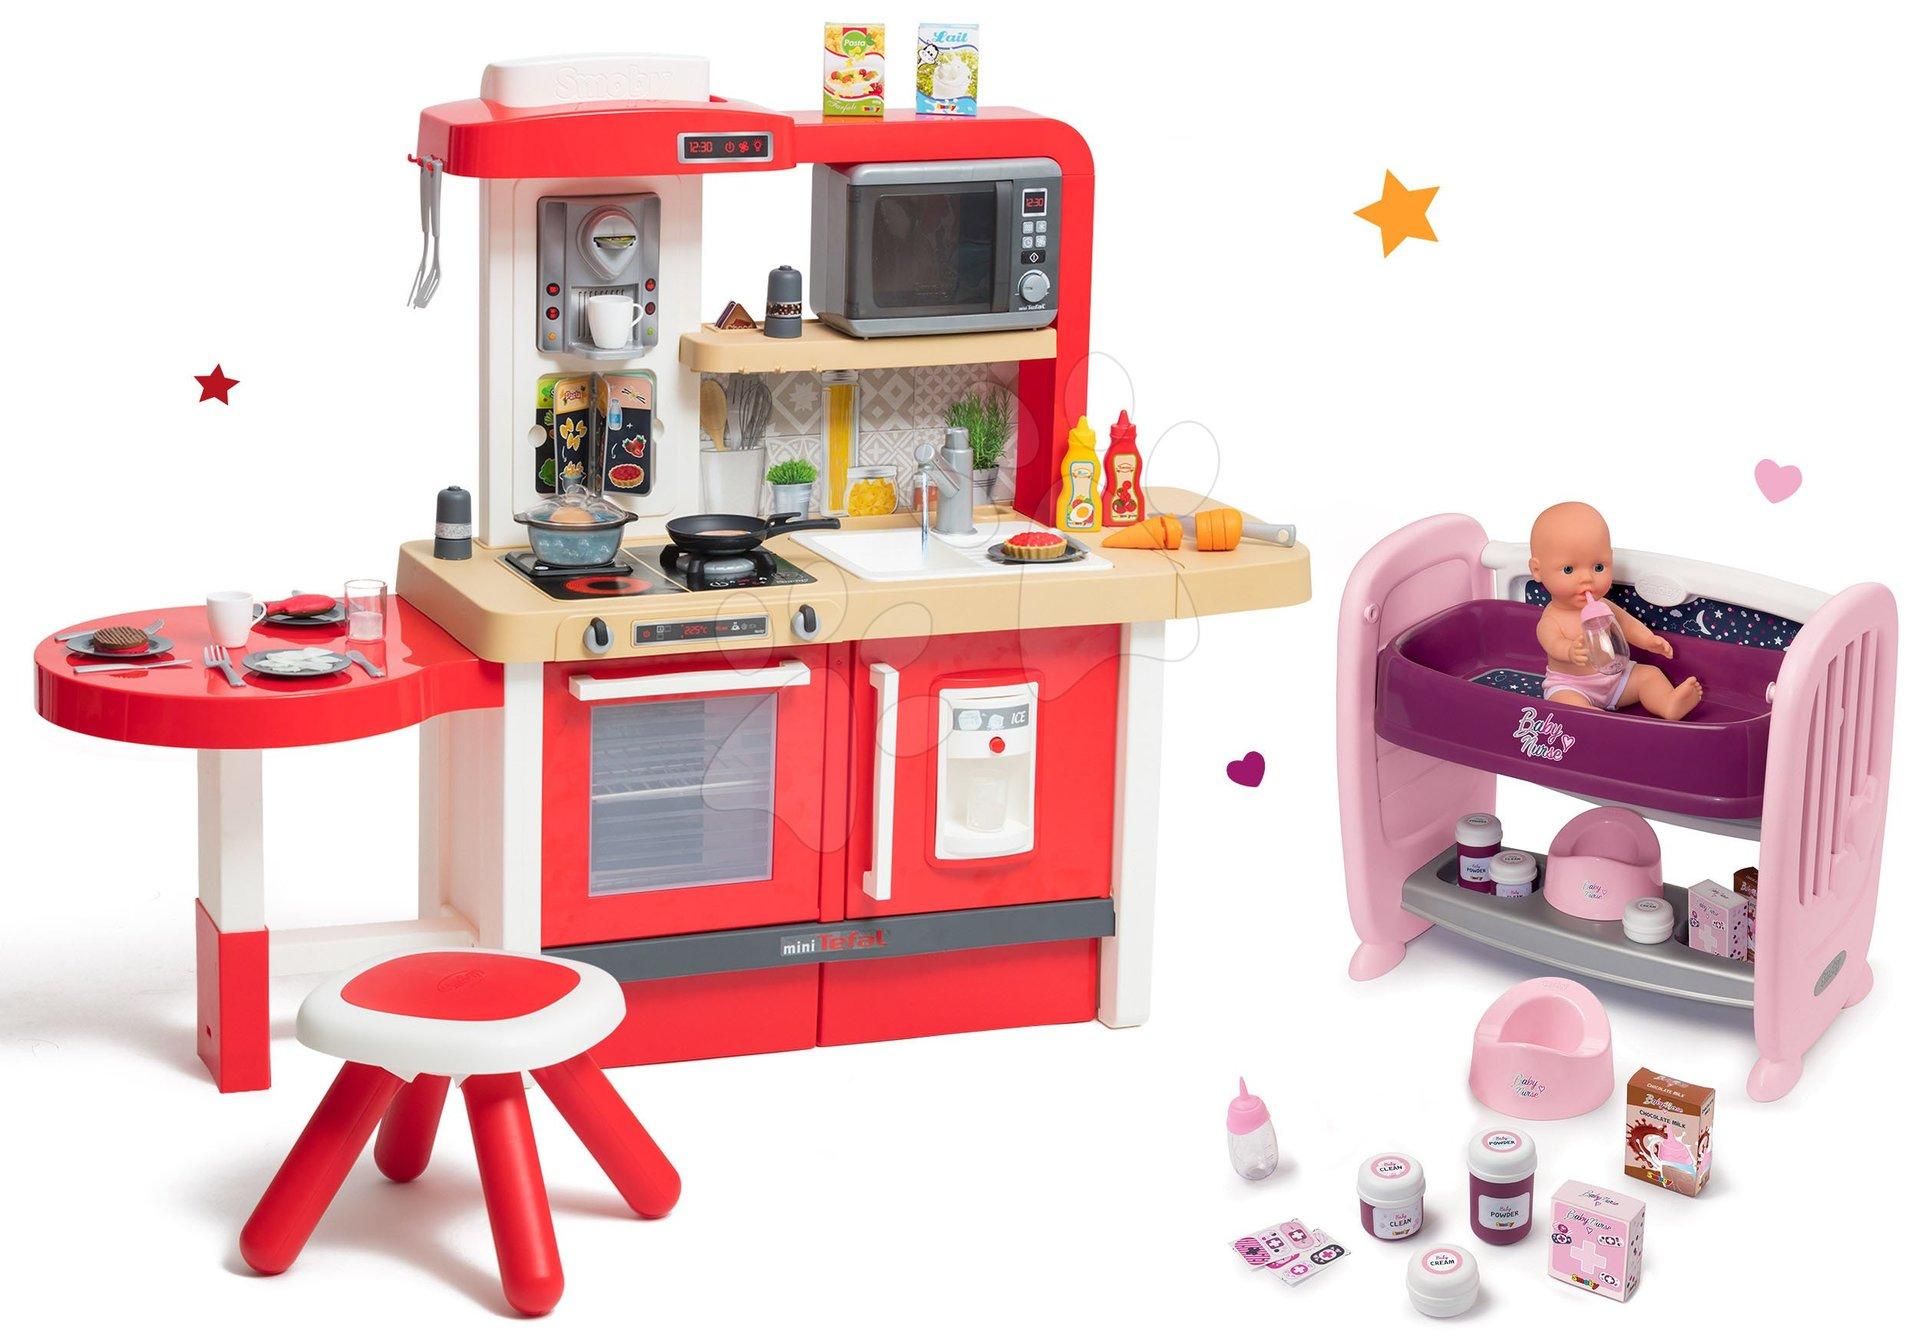 Set kuchynka rastúca s tečúcou vodou a mikrovlnkou Tefal Evolutive Smoby a postieľka k posteli s pultom na prebaľovanie Violette Baby Nurse